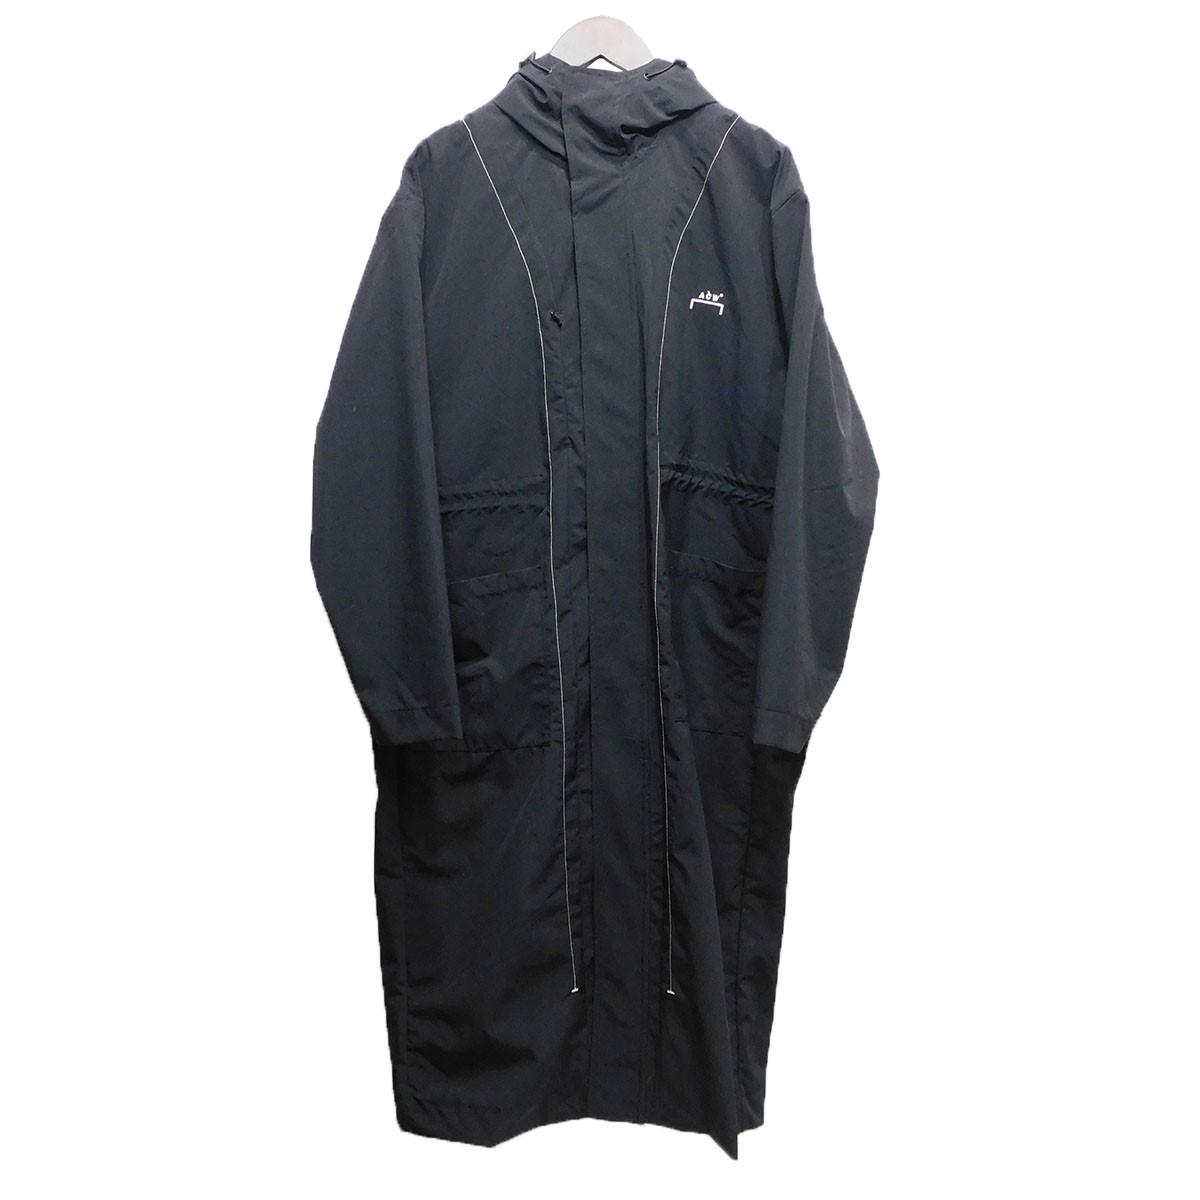 【中古】A-COLD-WALL 20SS ナイロンフーデッドコート ブラック サイズ:M 【110620】(アコールドウォール)